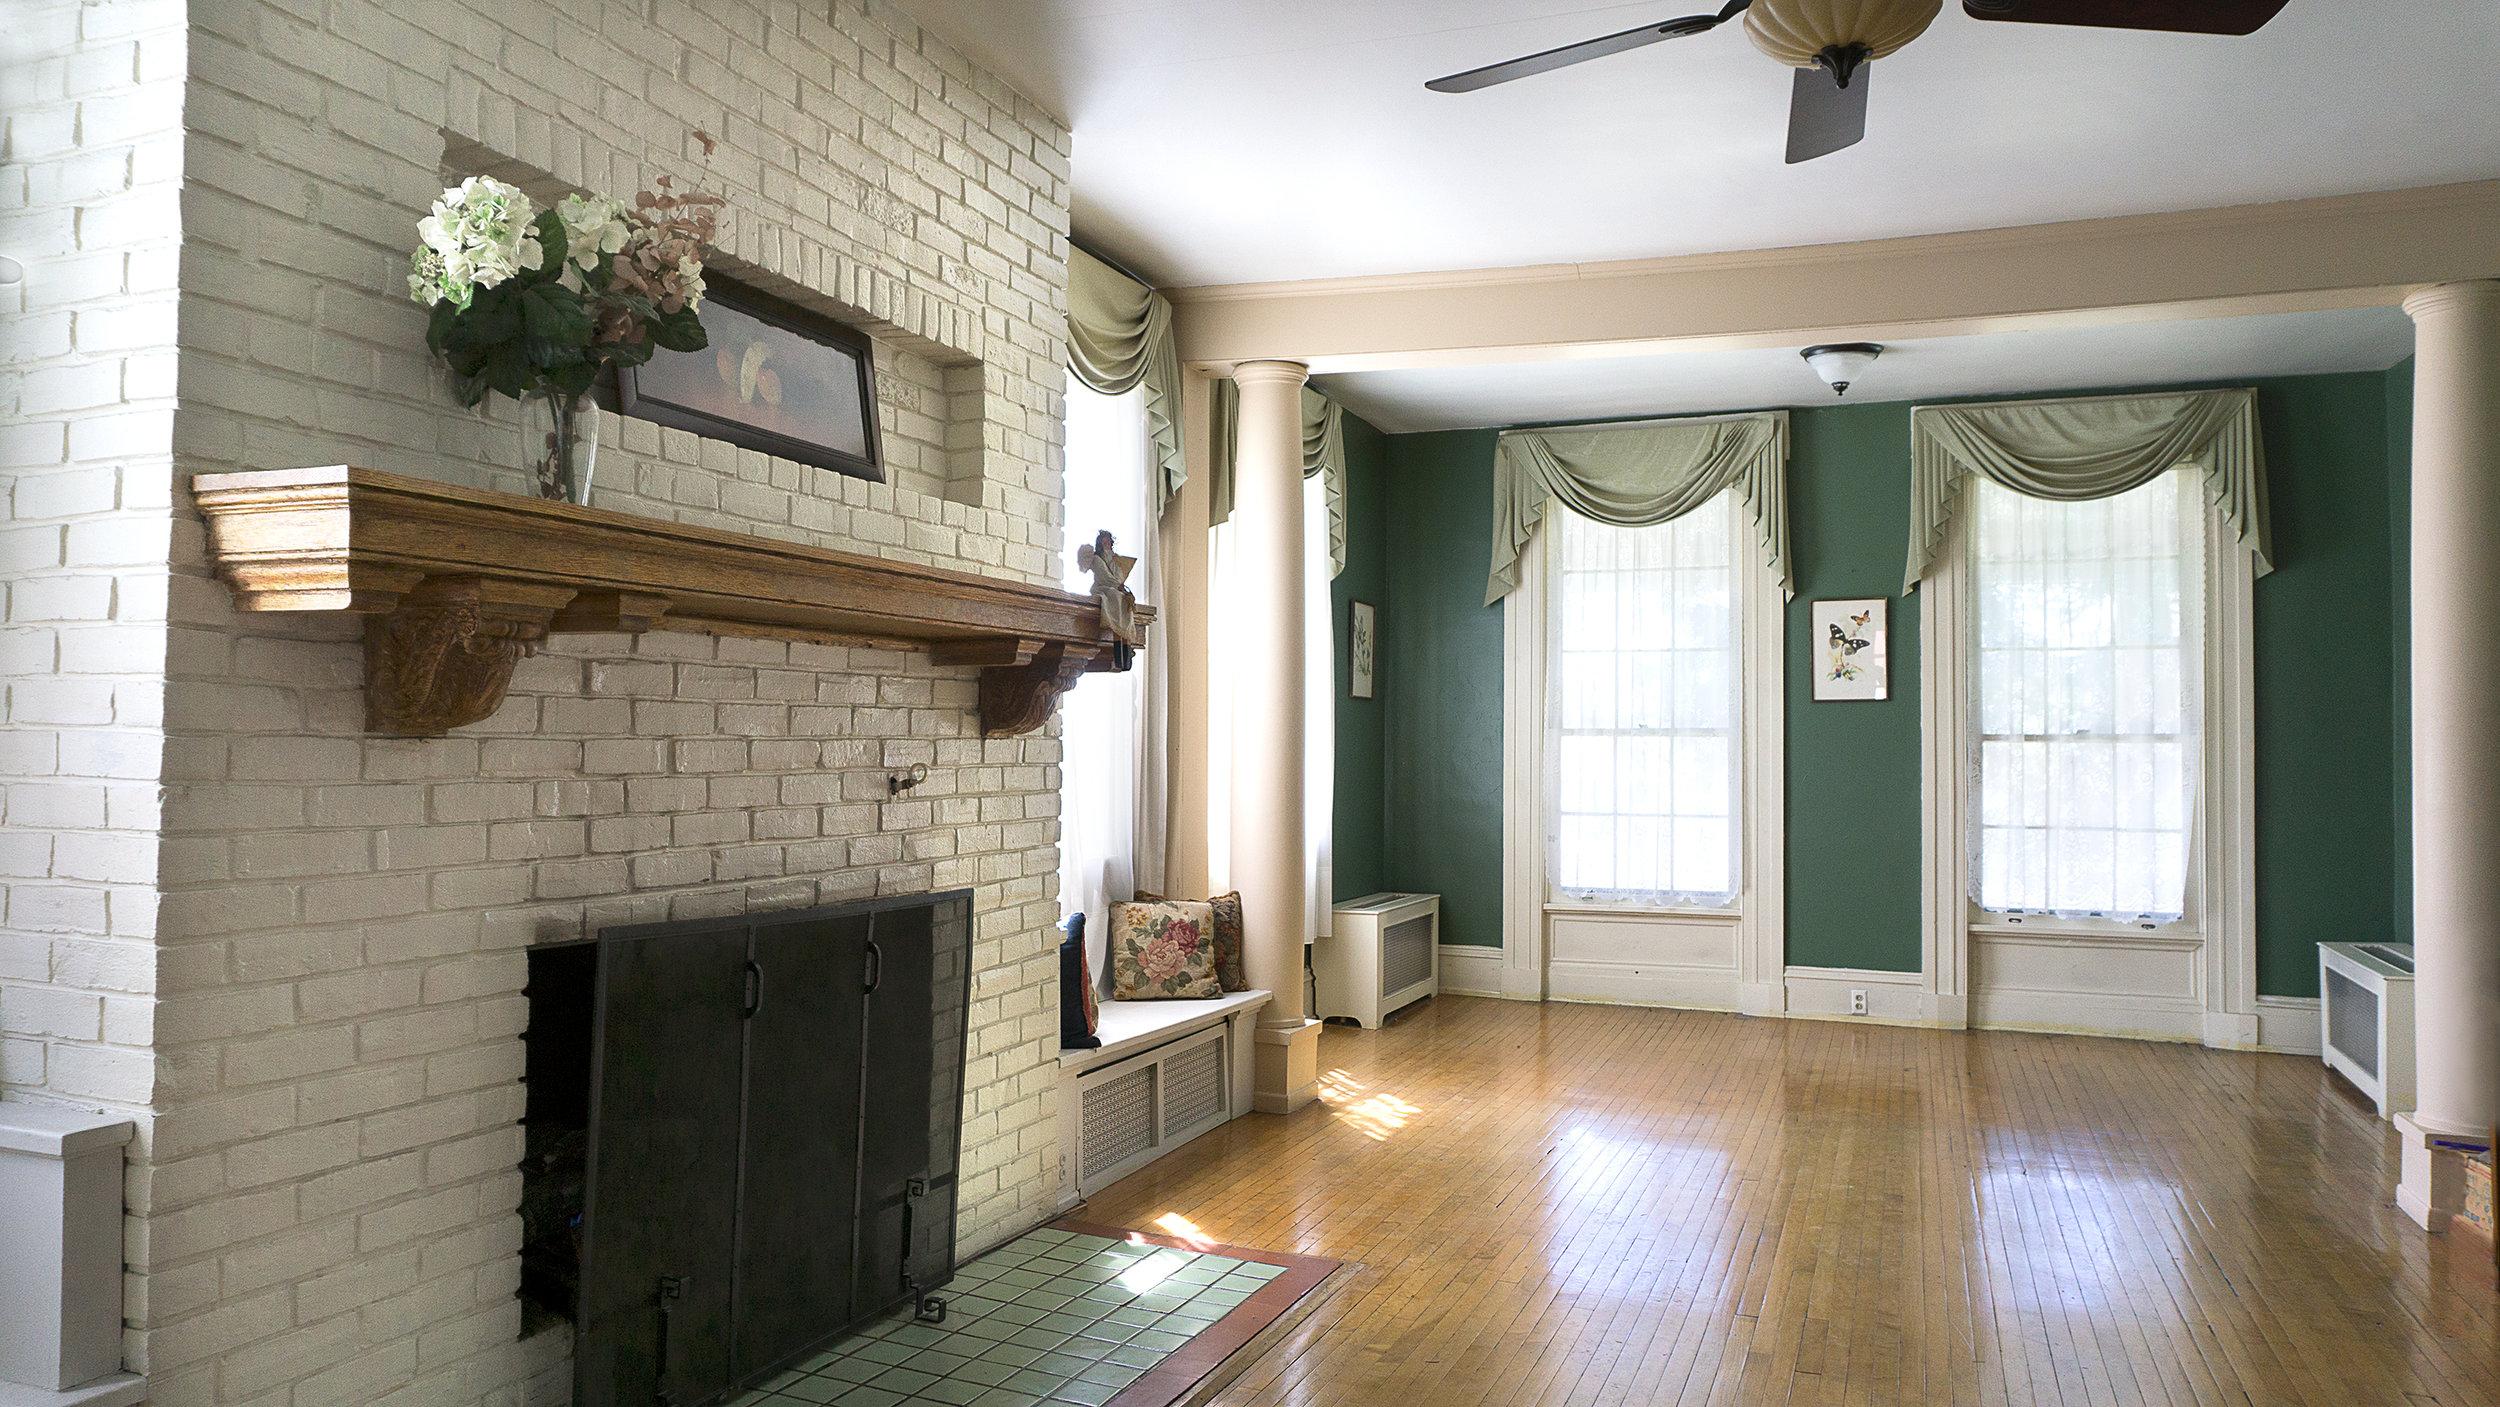 inside fireplace 2.jpg